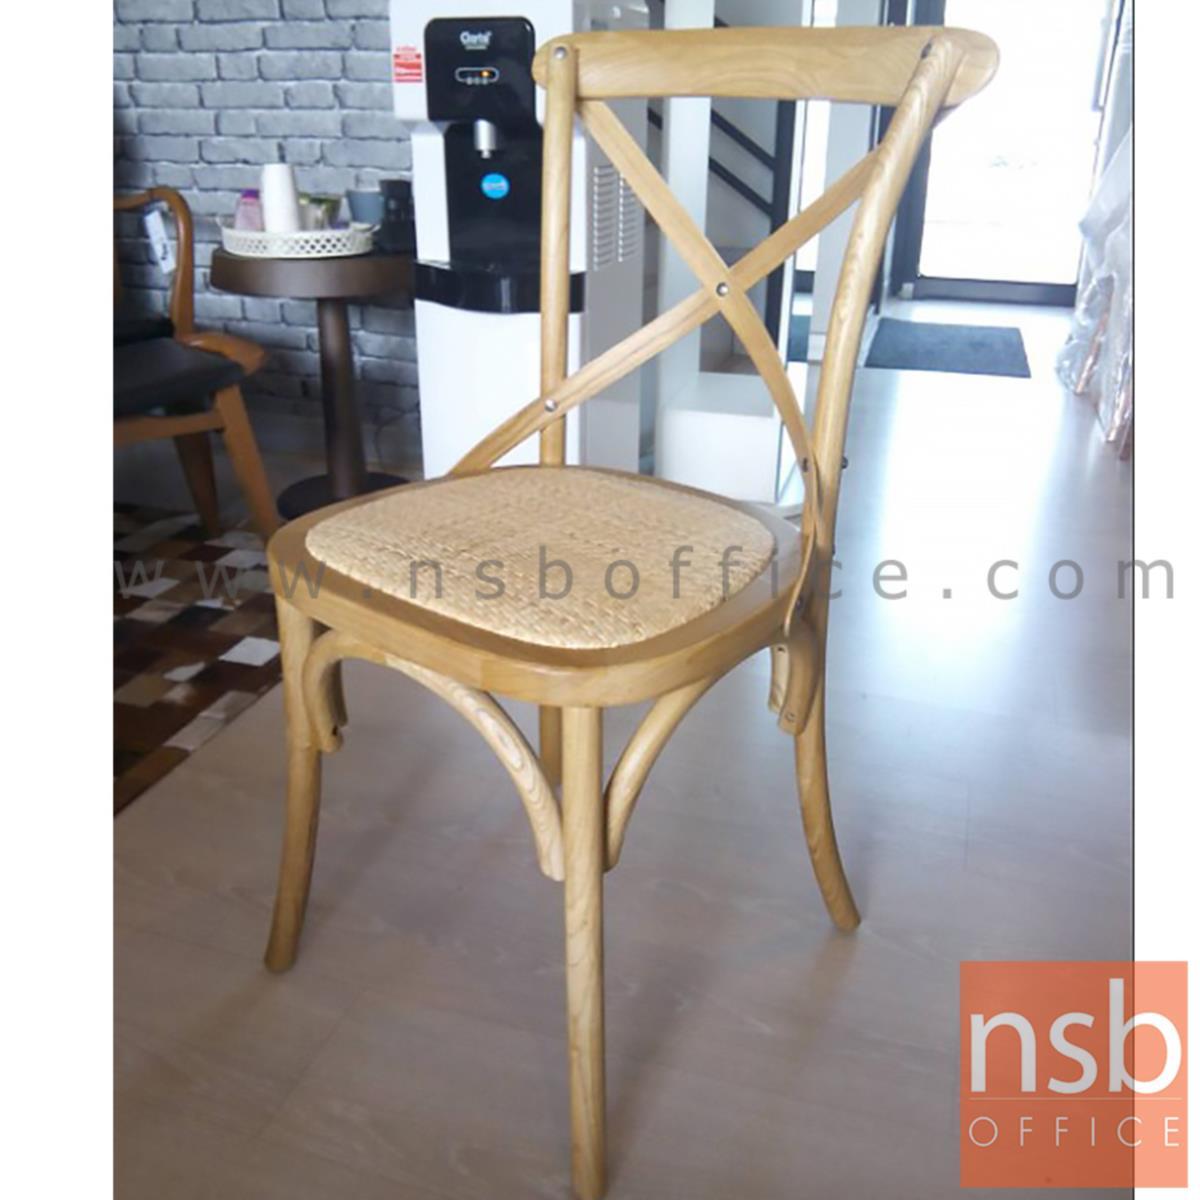 เก้าอี้โมเดิร์นหวายสาน รุ่น Granini ขนาด 48W cm. โครงขาไม้สน ELM (ชุดละ 2 ตัว)